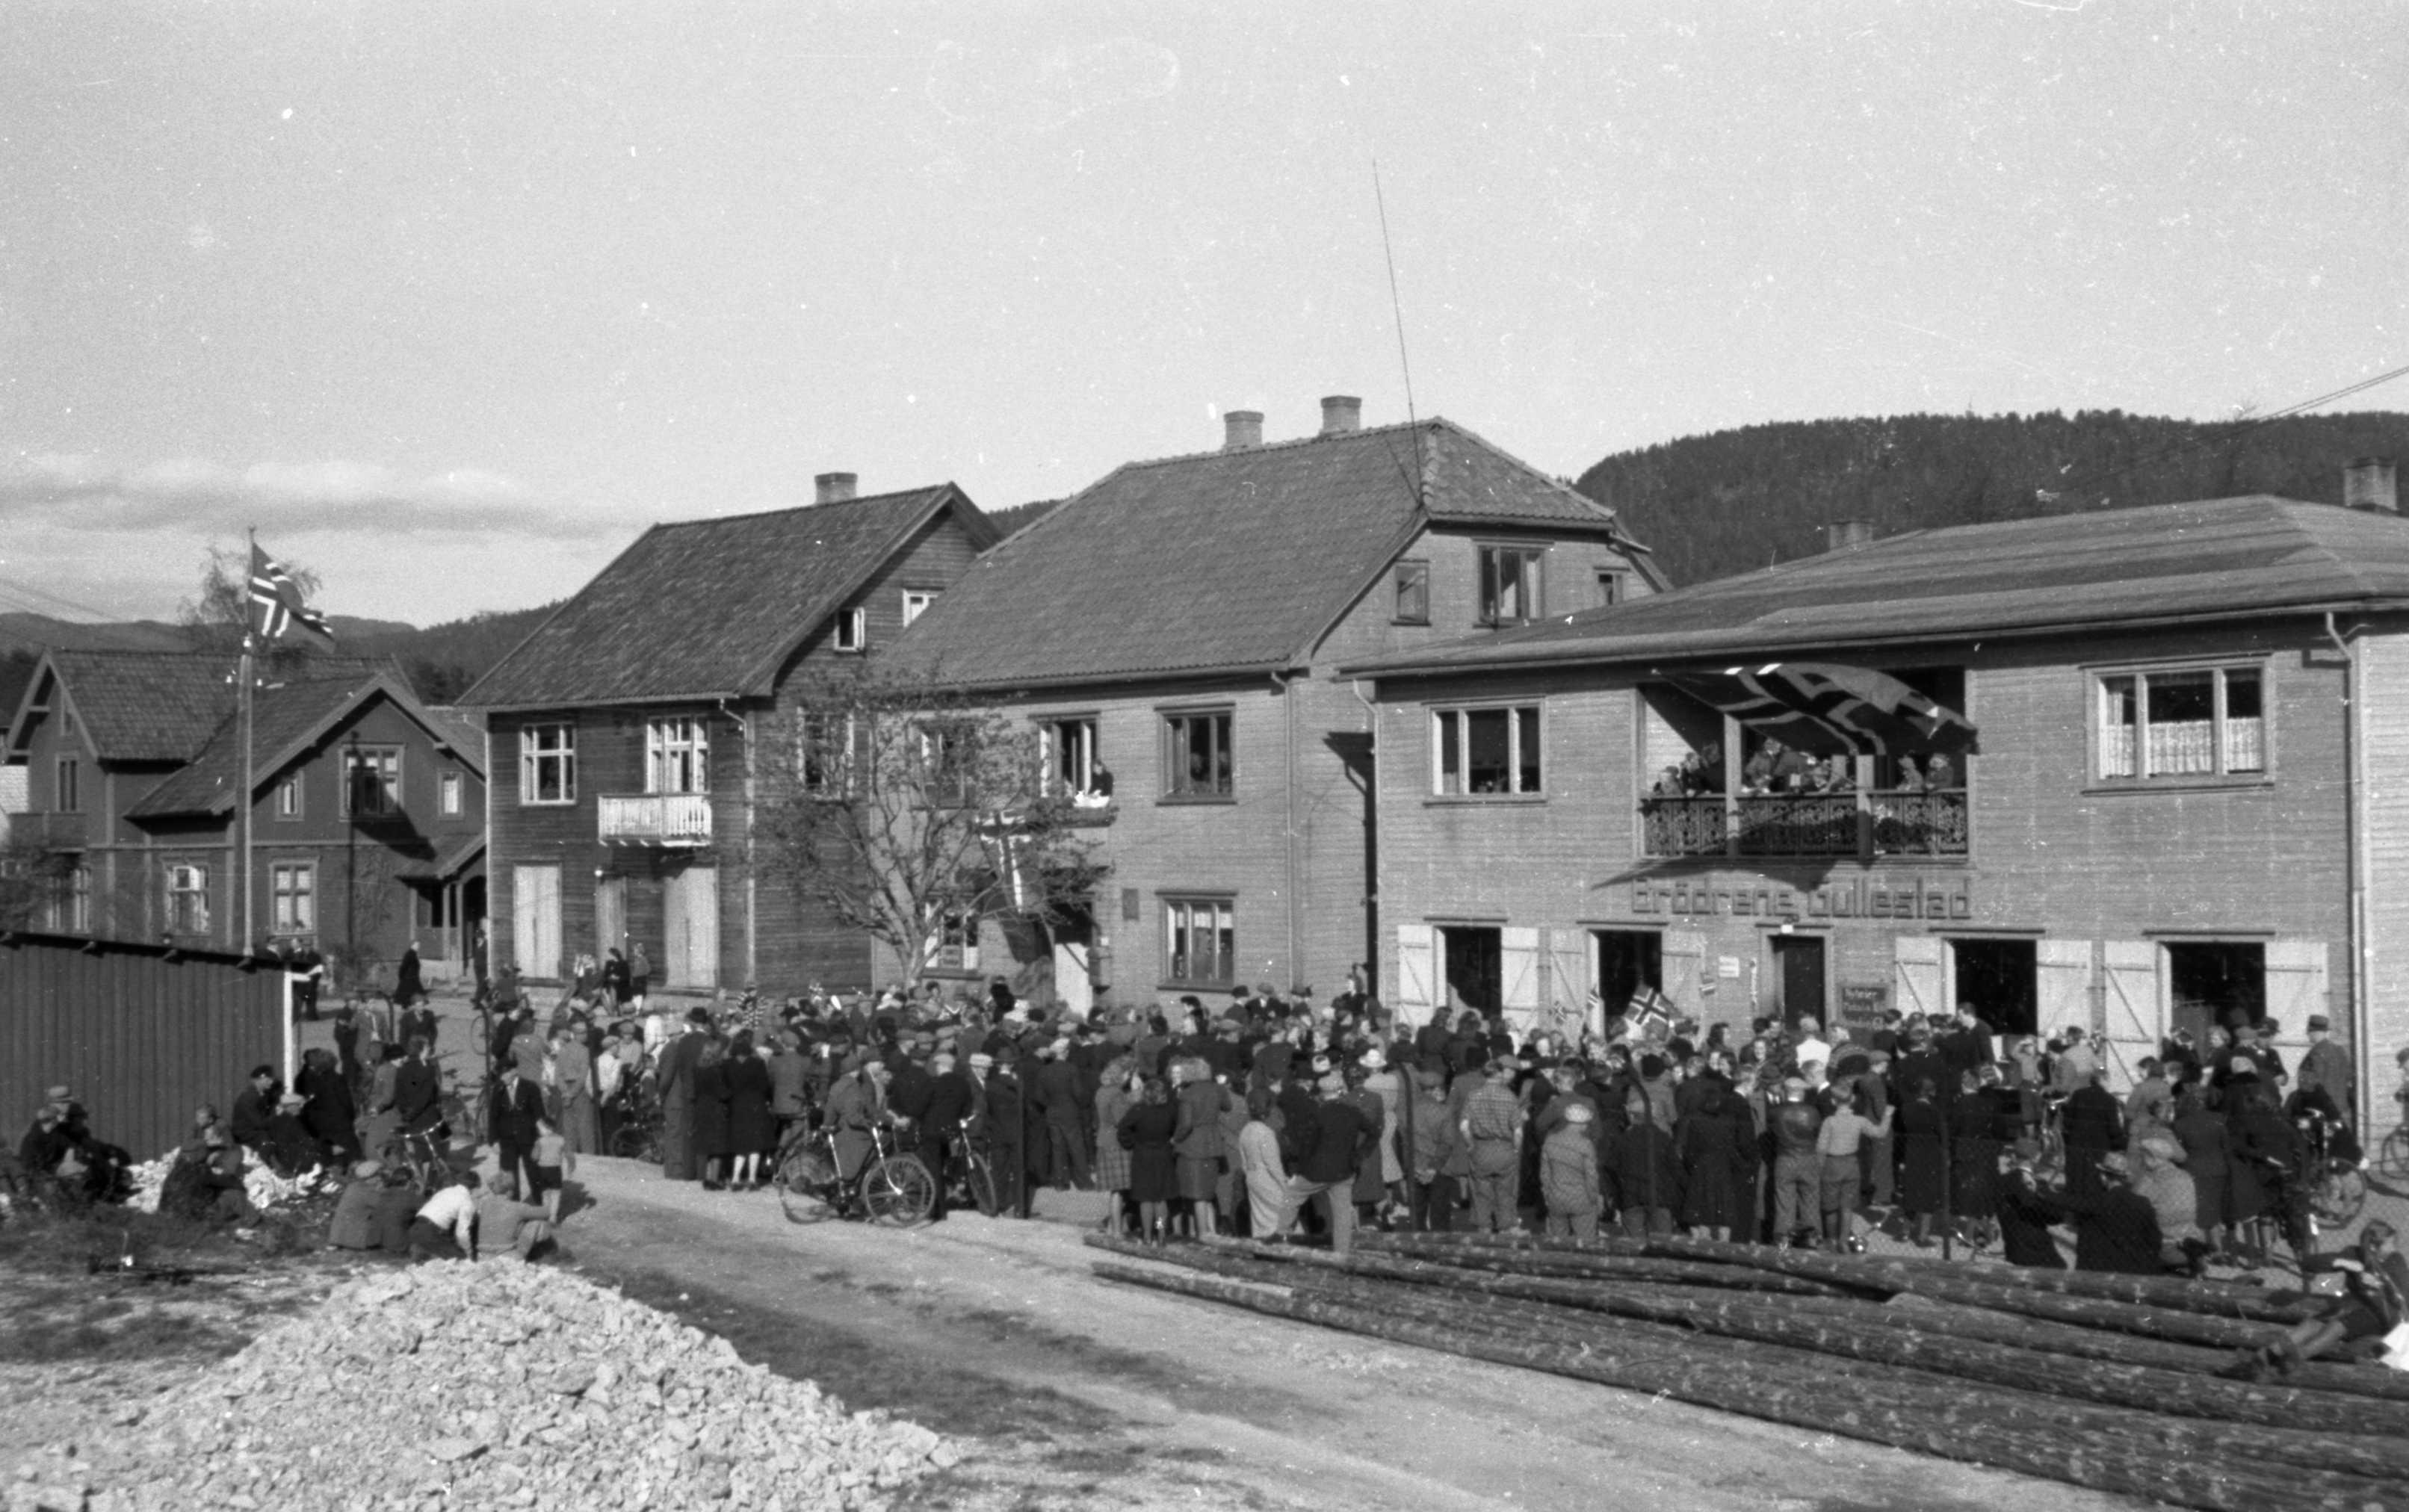 Fredsdagane i mai 1945 på Evje. Brødrene Gullestad sin butikk, Feltspathaug.